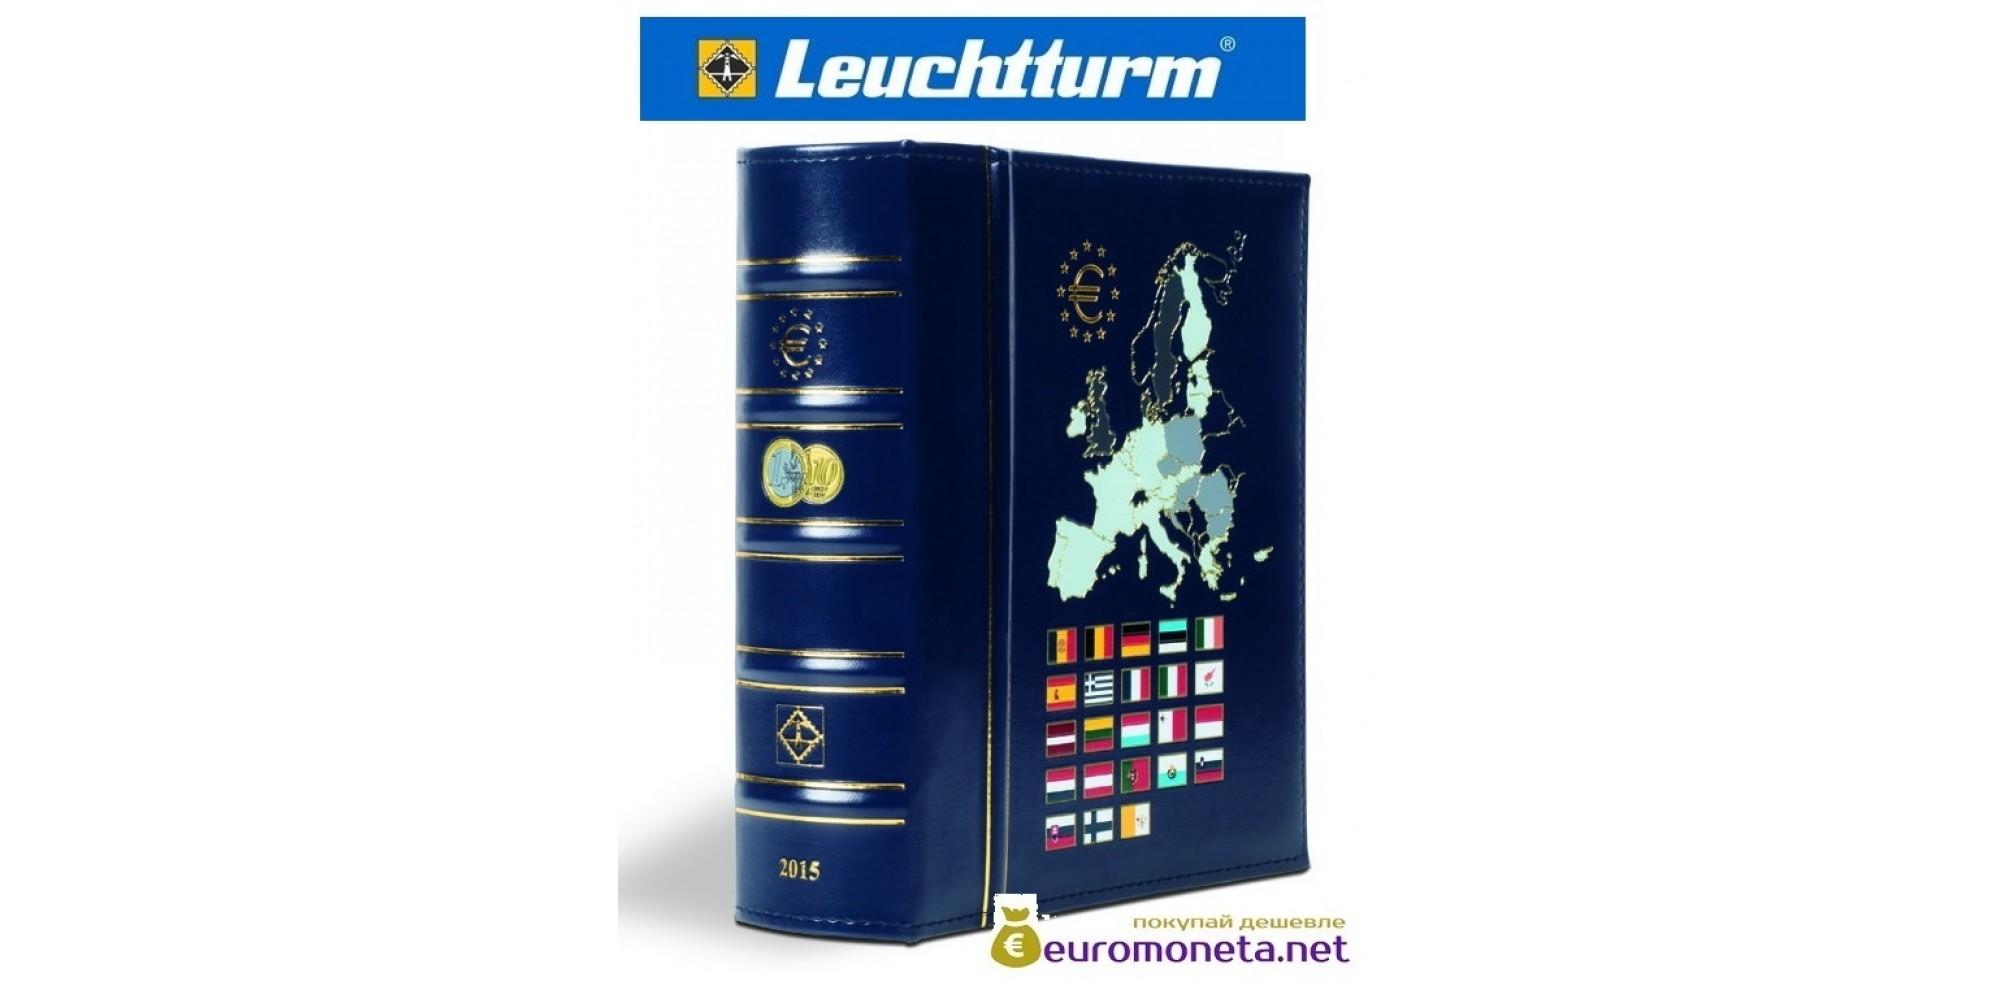 Leuchtturm альбом VISTA для евро монет годовые наборы за 2016 год внешняя обложка (шубер)